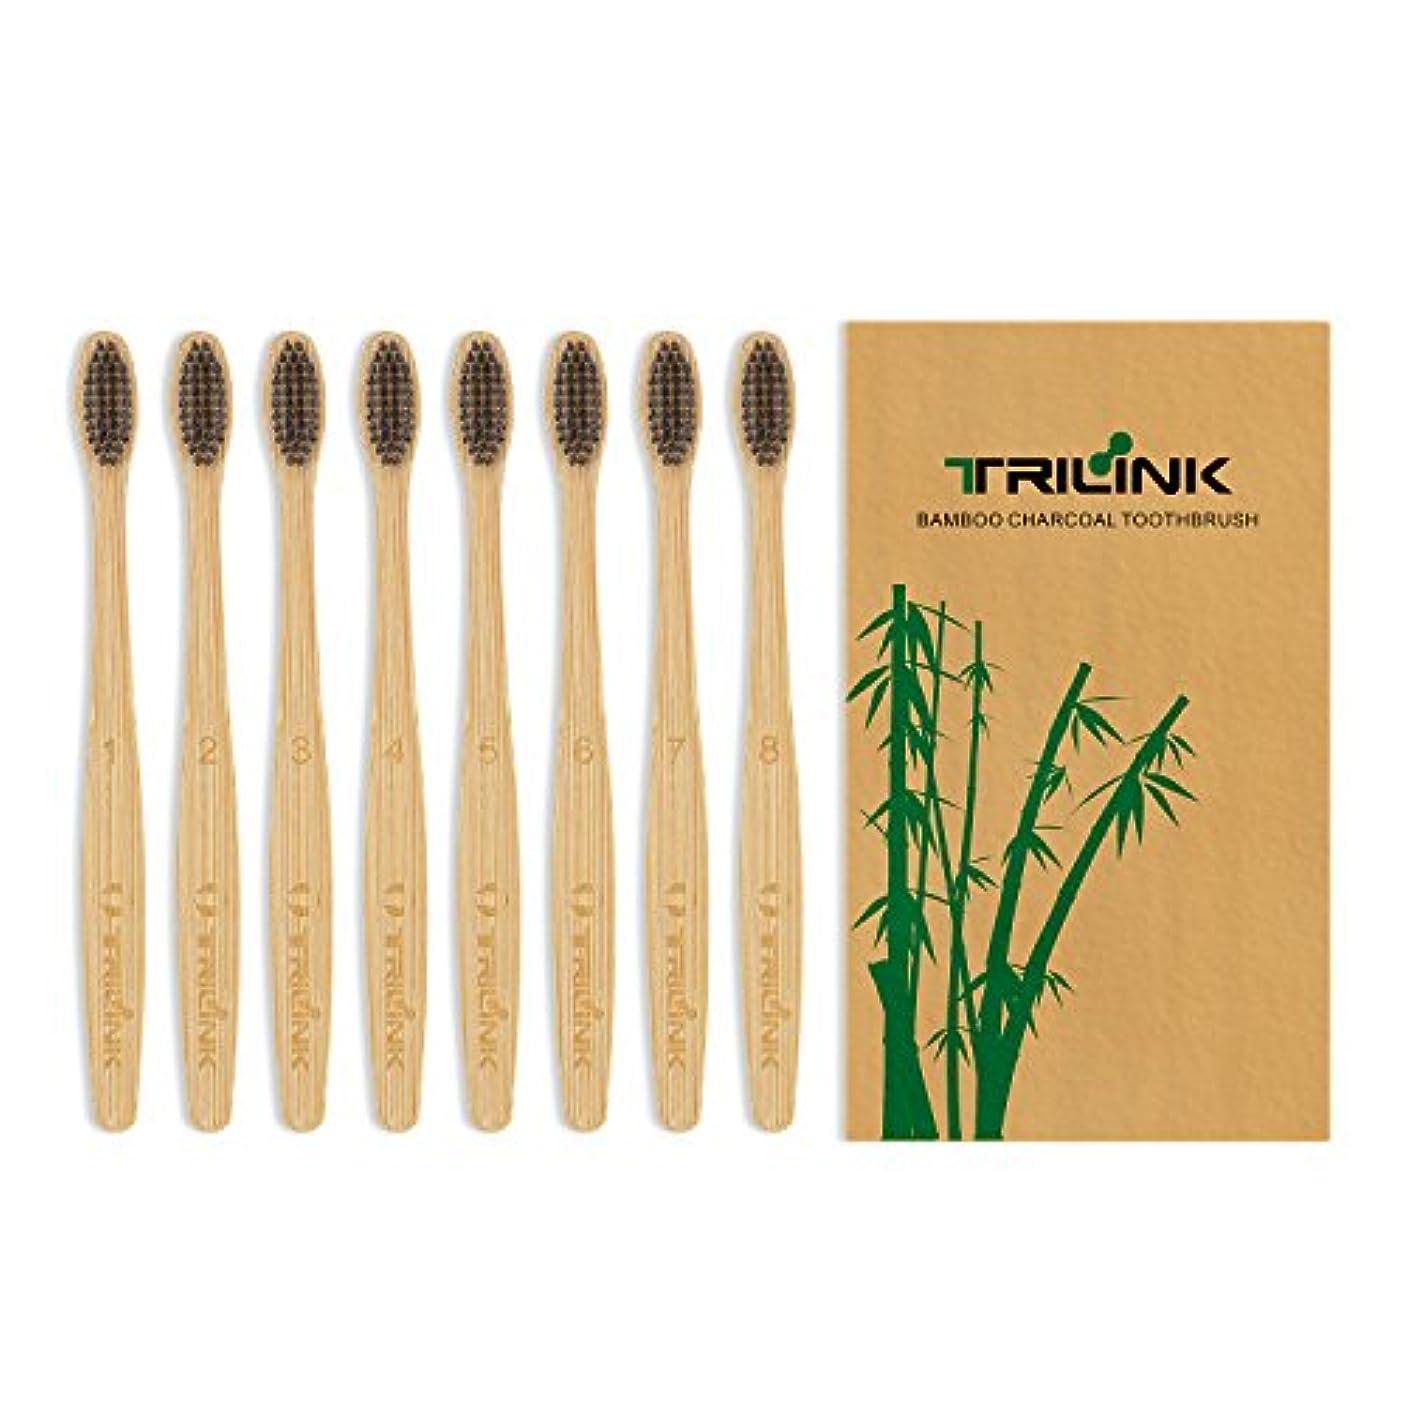 ピット高潔な聖なる大人用竹の歯ブラシ(8本) 環境保護 天然の柔らかい ハブラシ【 活性炭を注入】